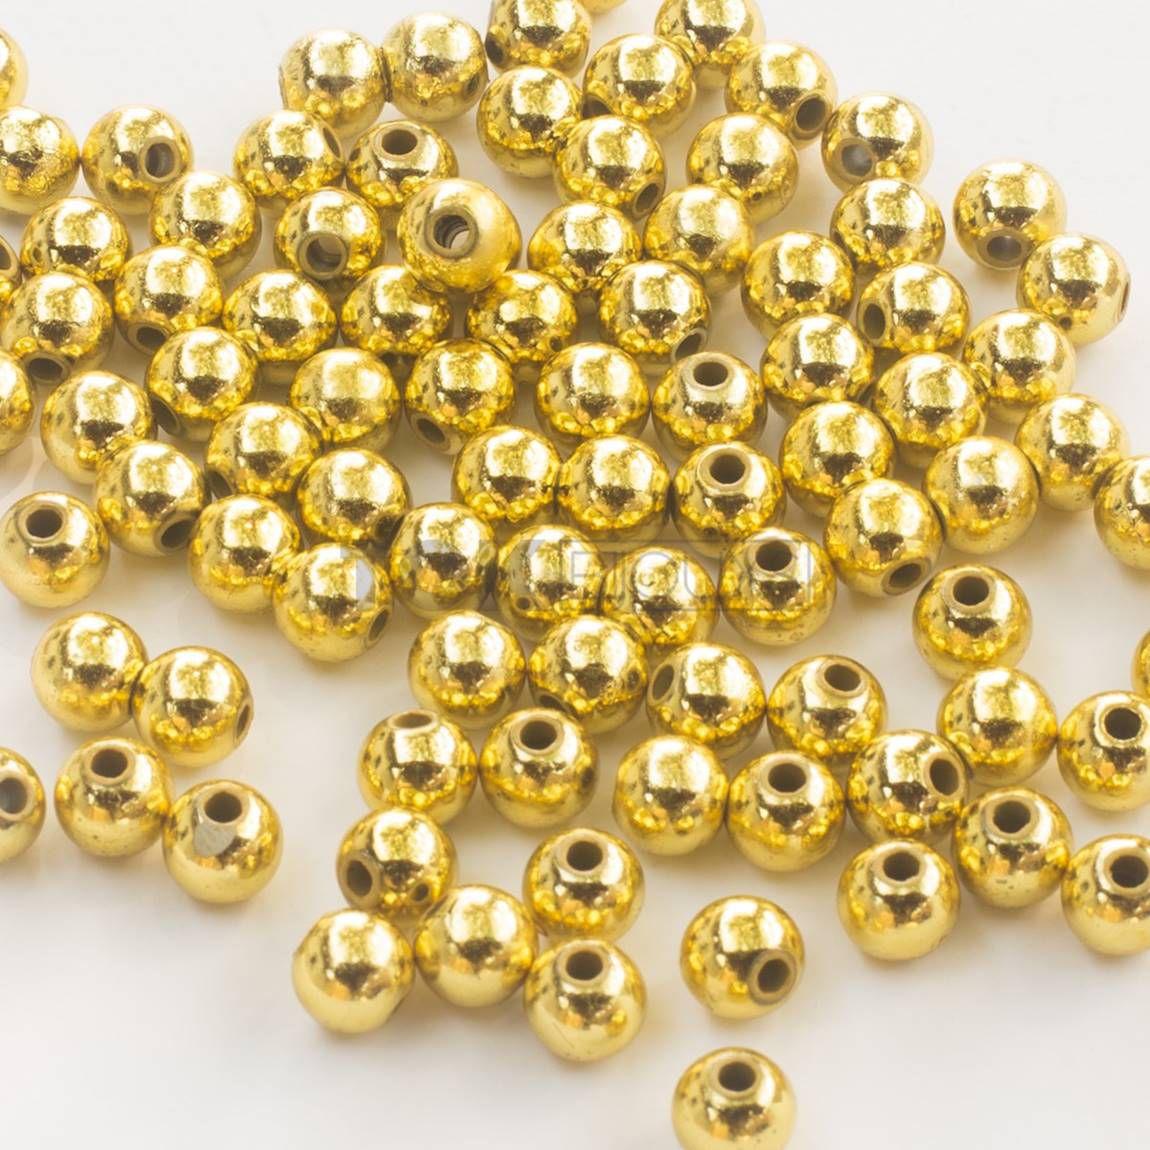 Pérola Plástica 3mm - Dourada - 25g